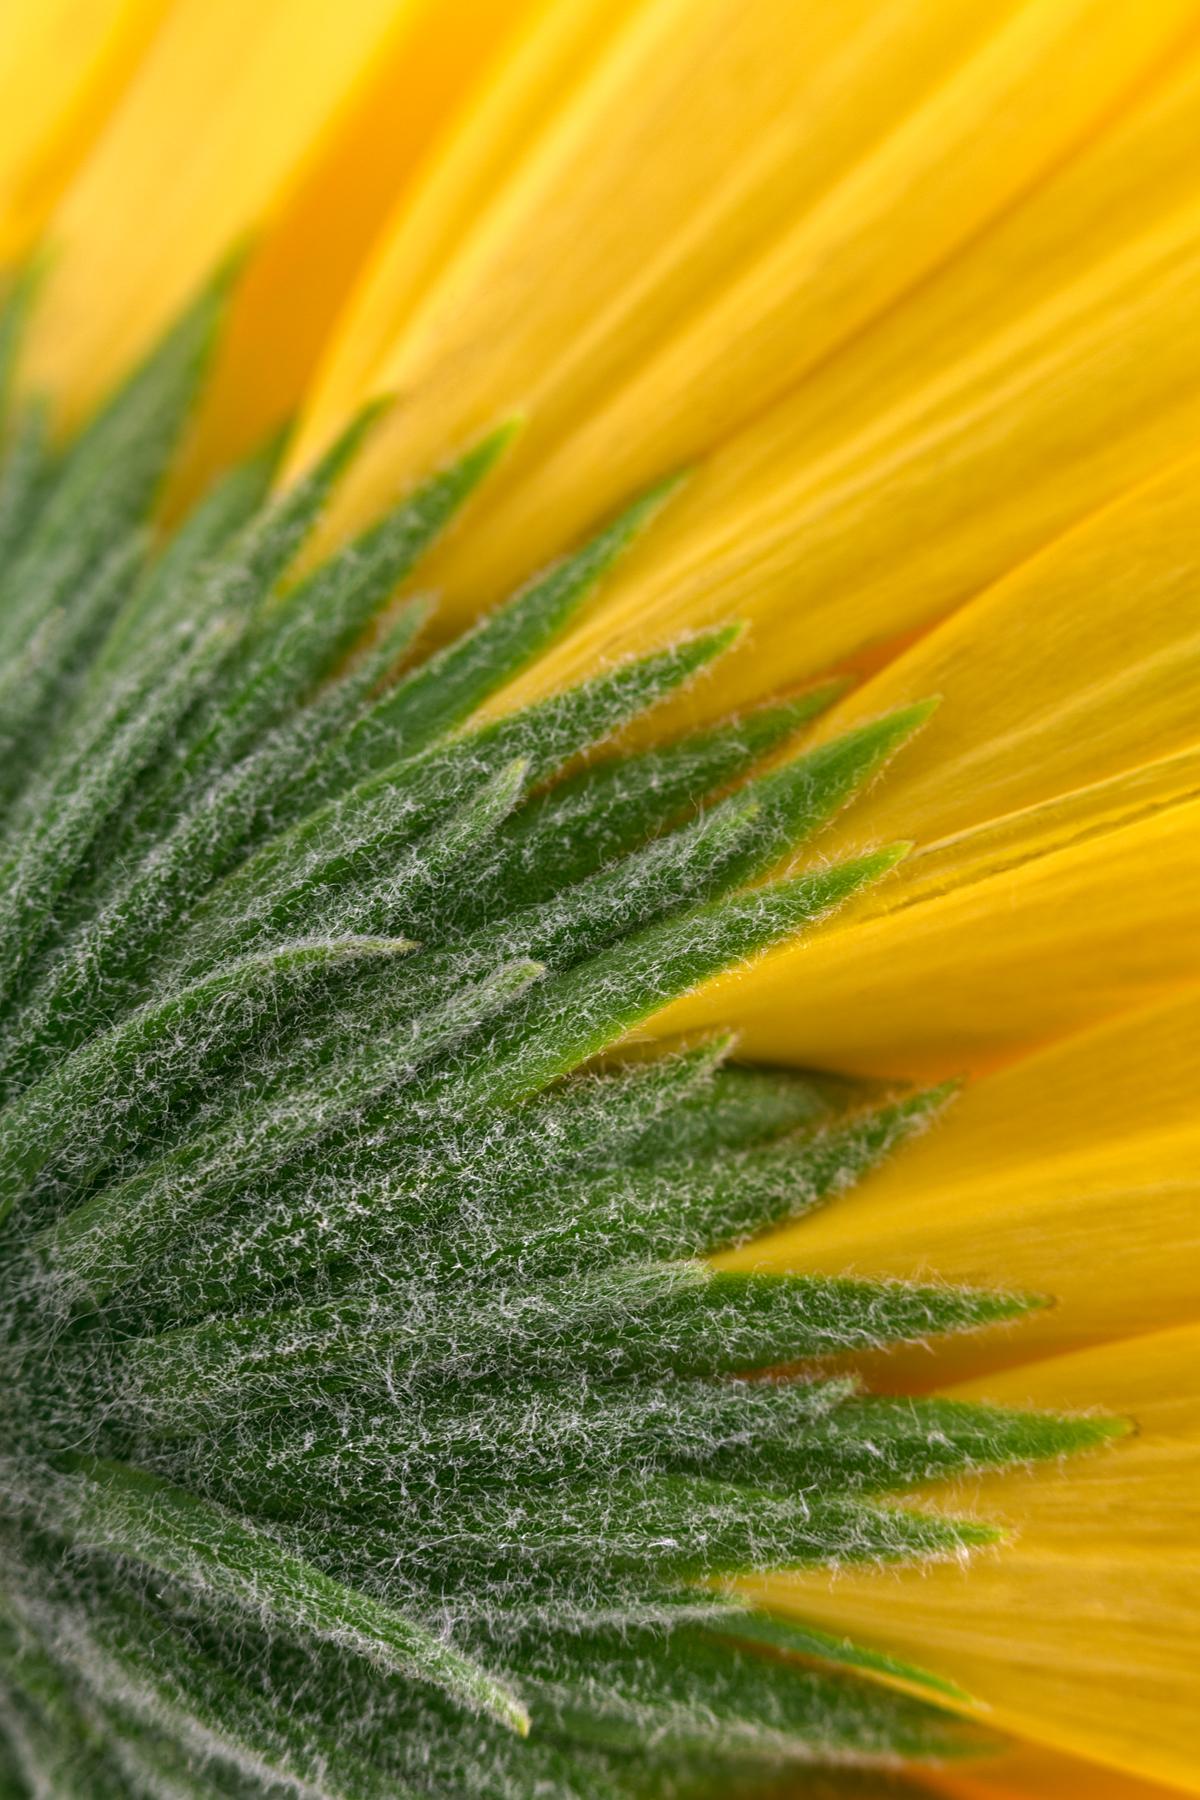 Yellow daisy macro - hdr photo